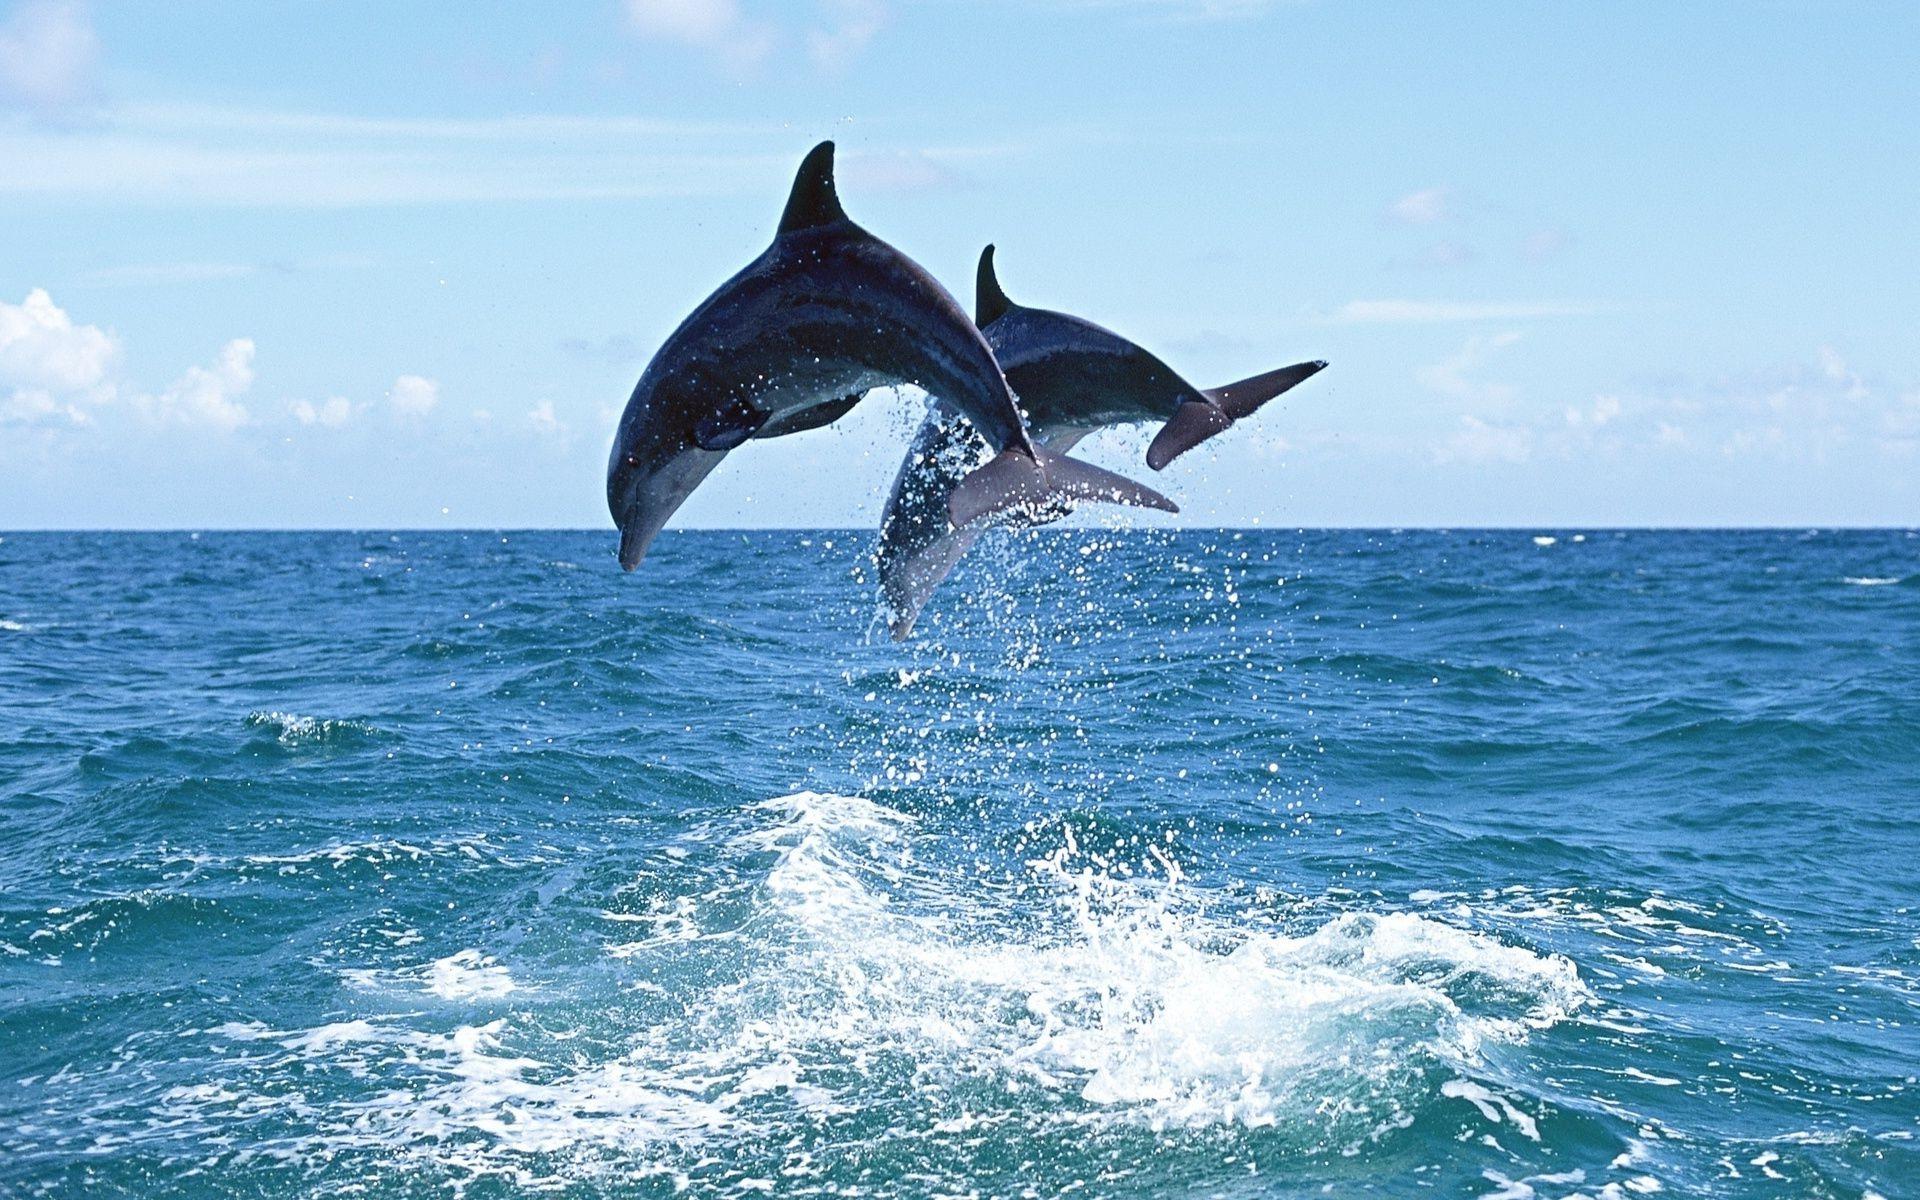 Лучшему тренеру, картинки море и дельфины на телефон